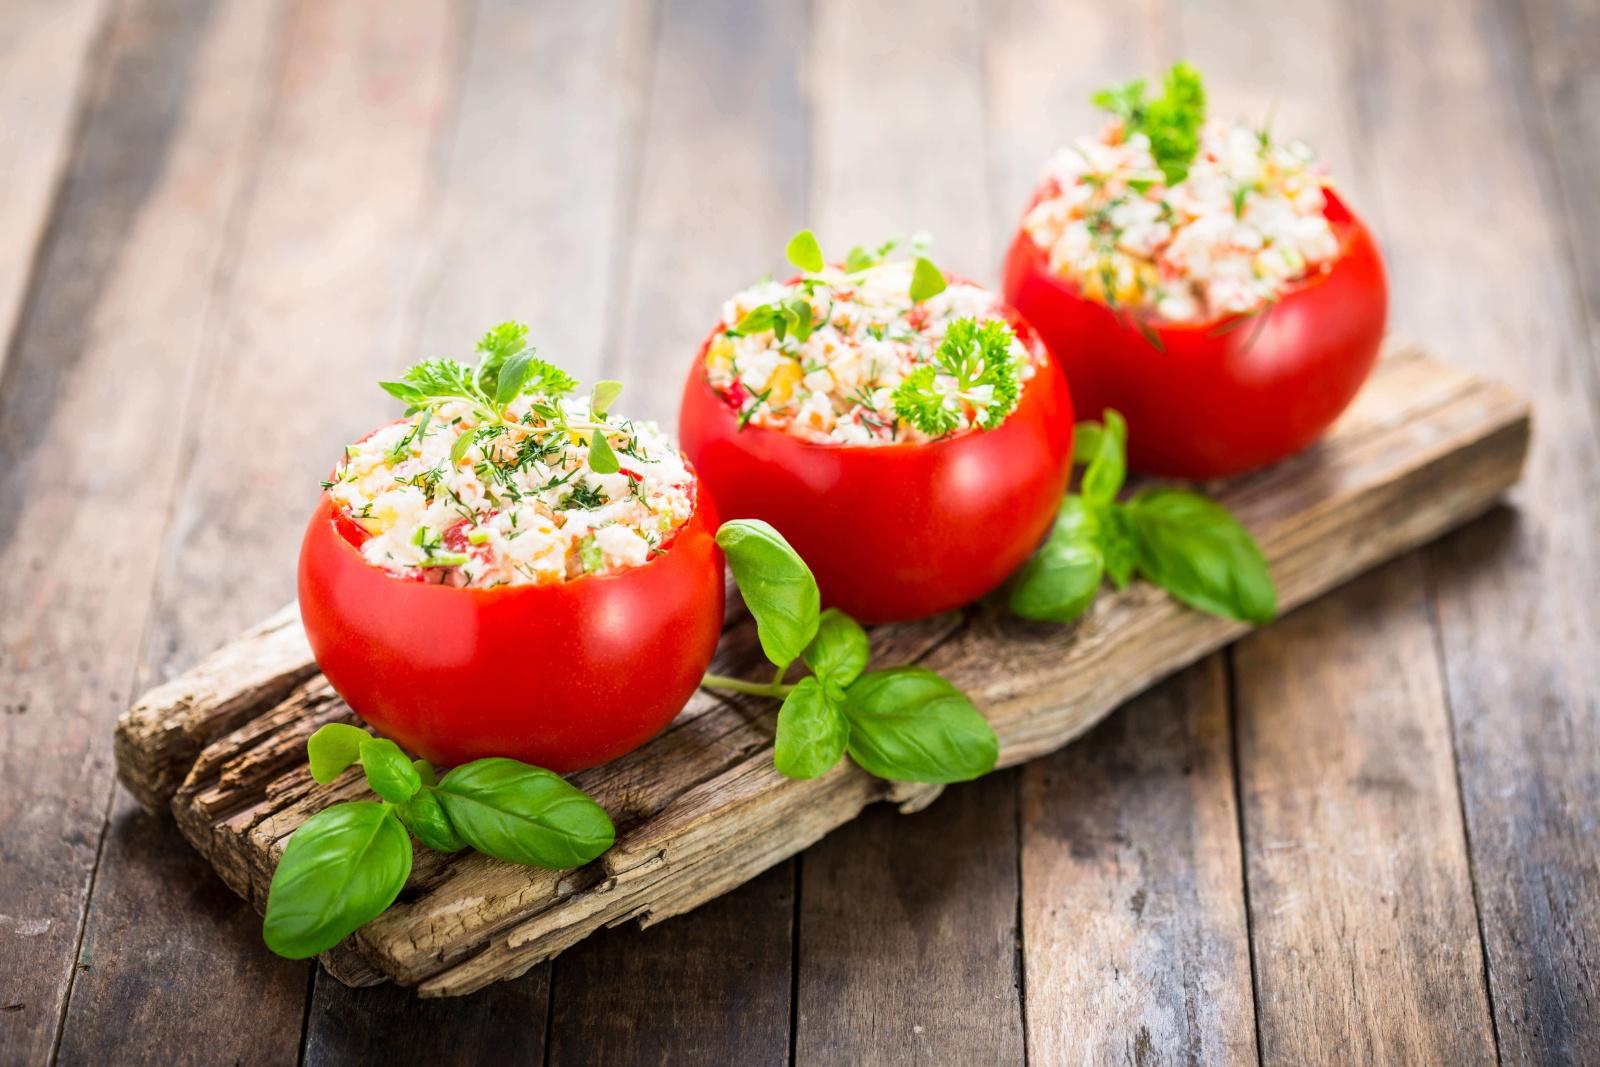 Pomidorki nadziewane sałatką z szynki